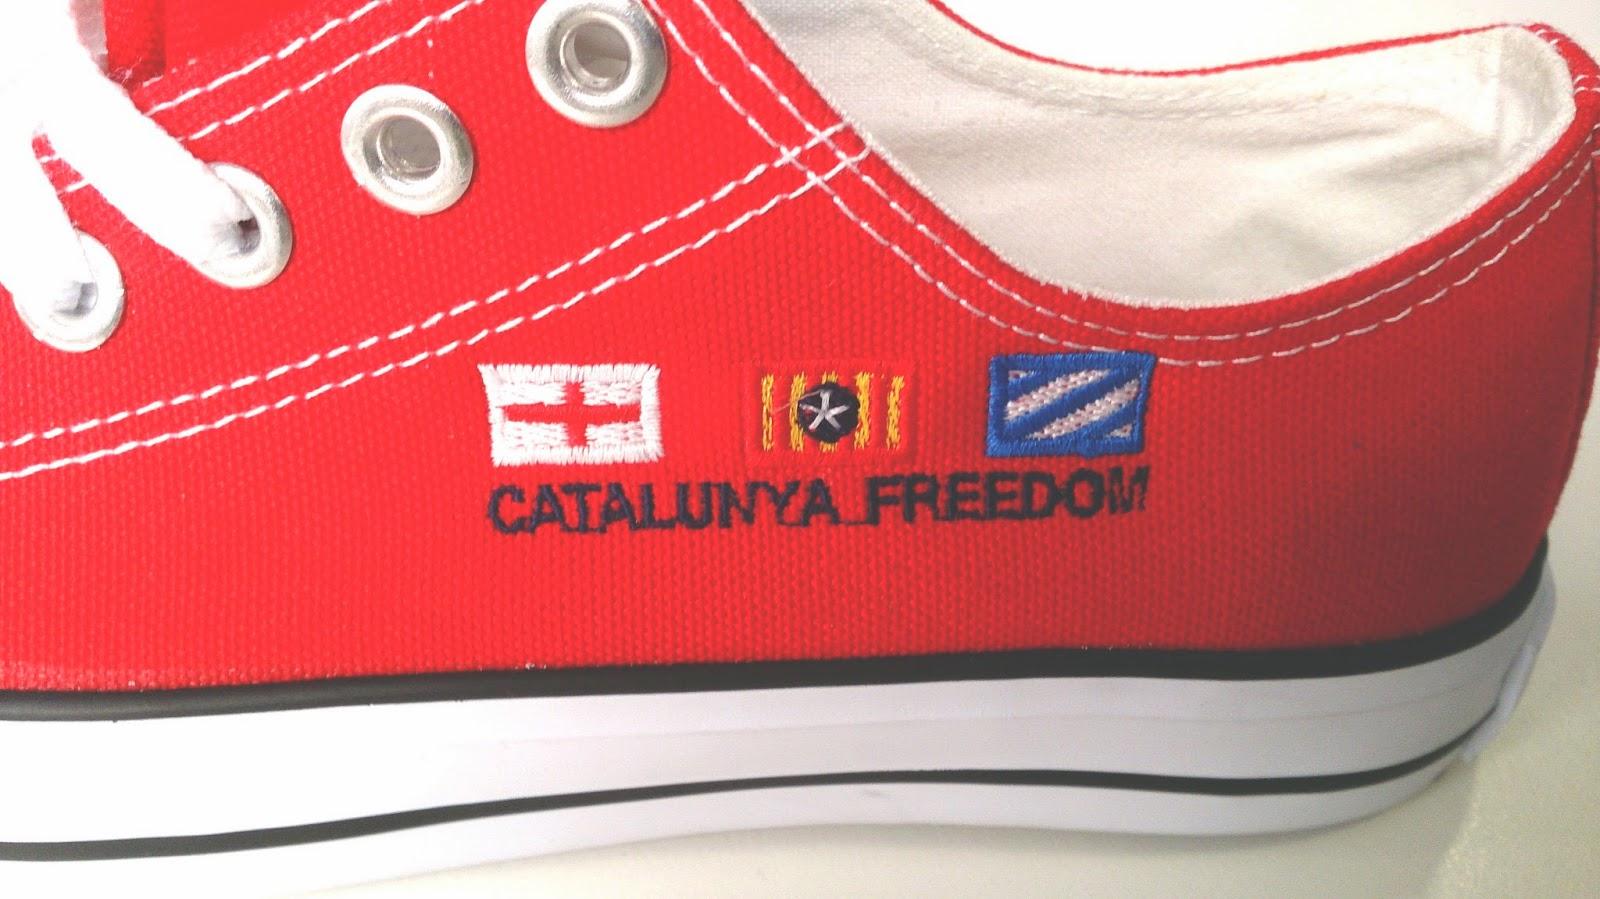 Calçat banderes catalanes